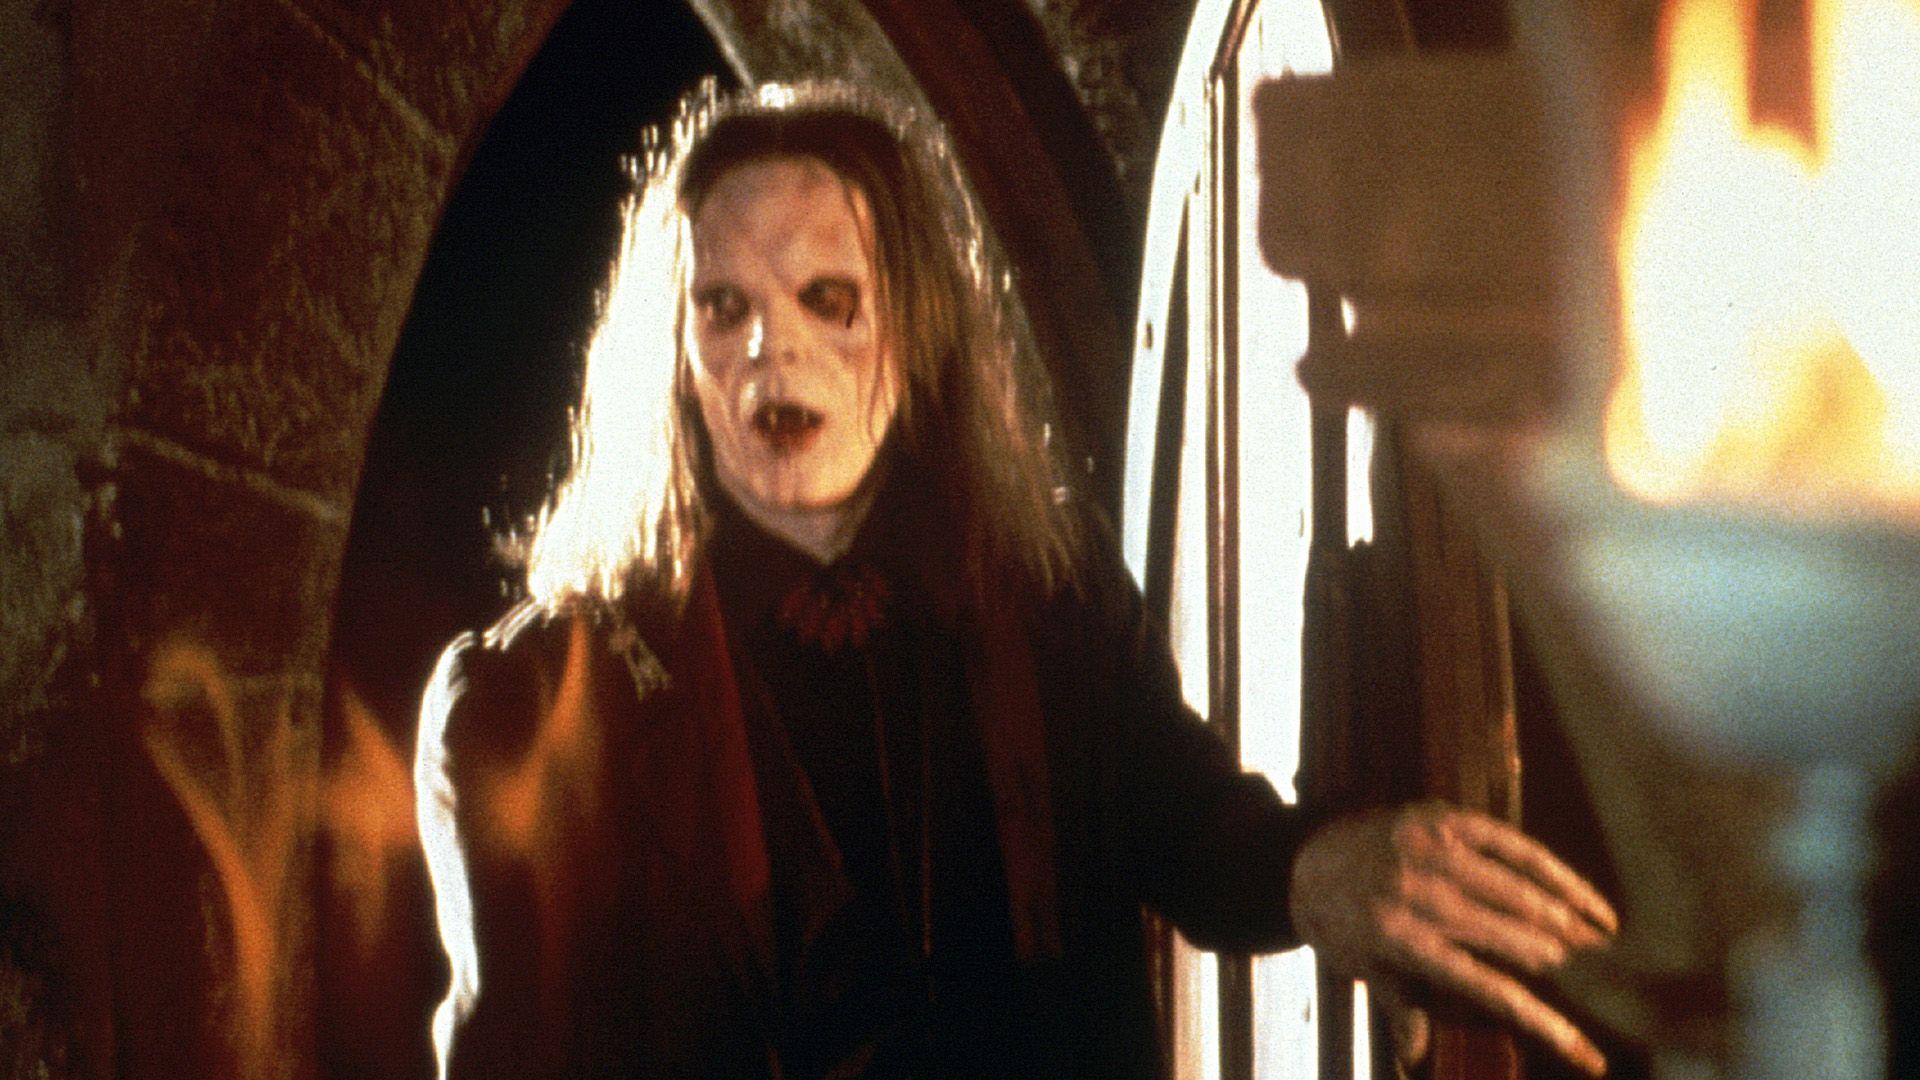 Bloodstone Subspecies II Anders Hove Vampire film